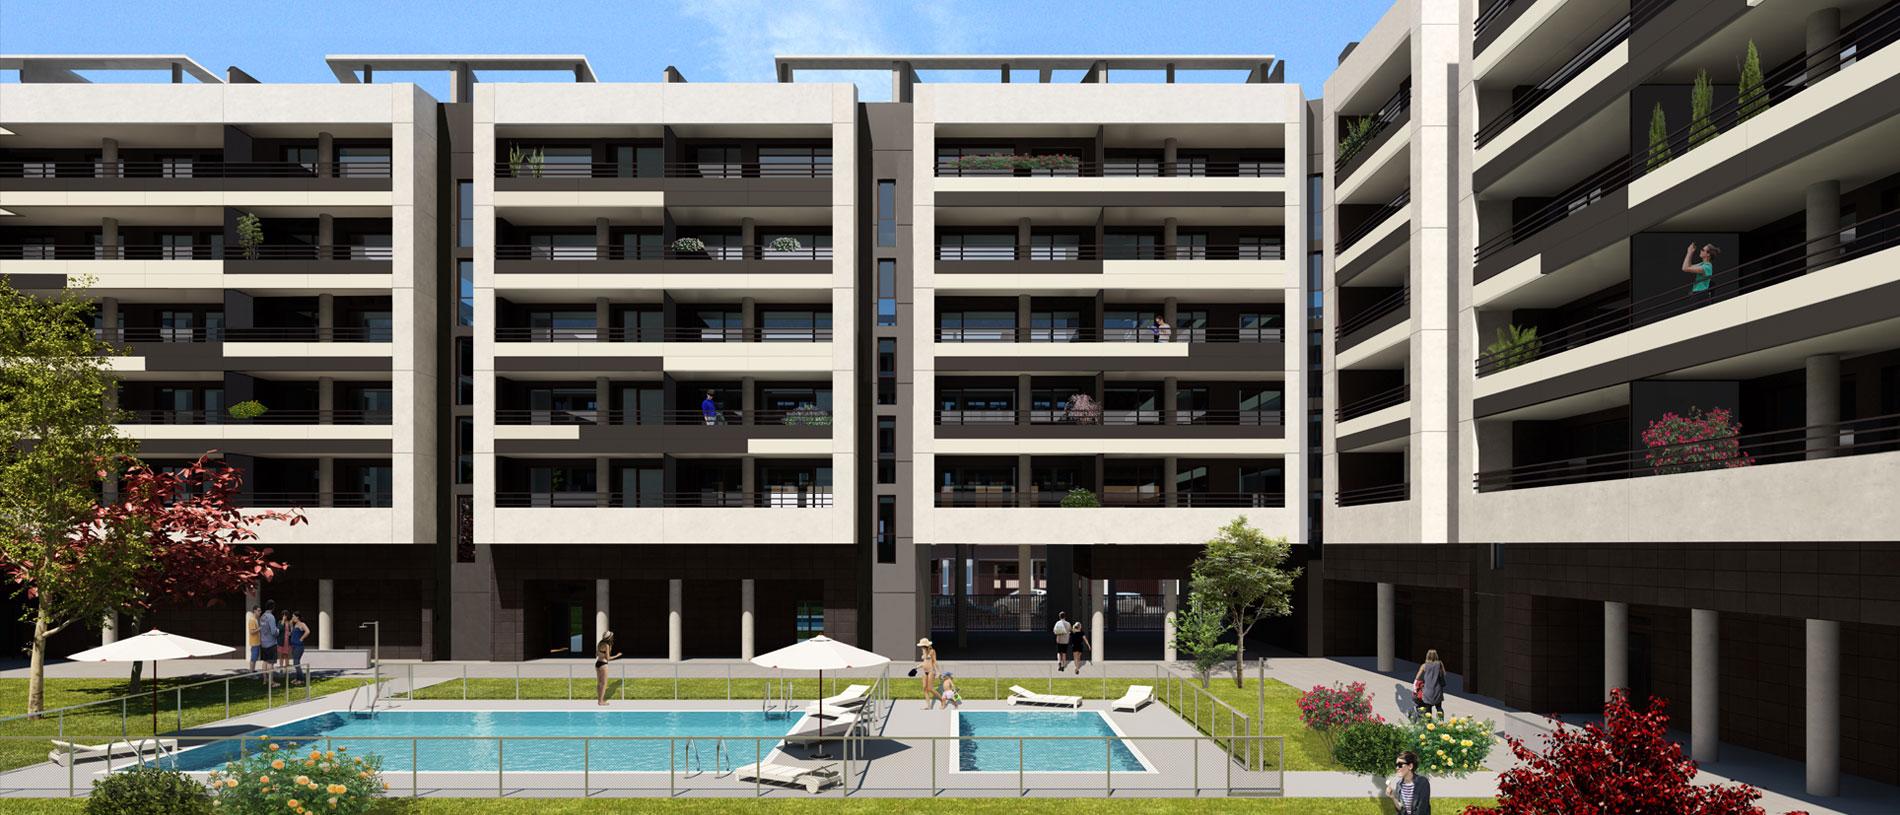 Residencial Via Verde slider 1